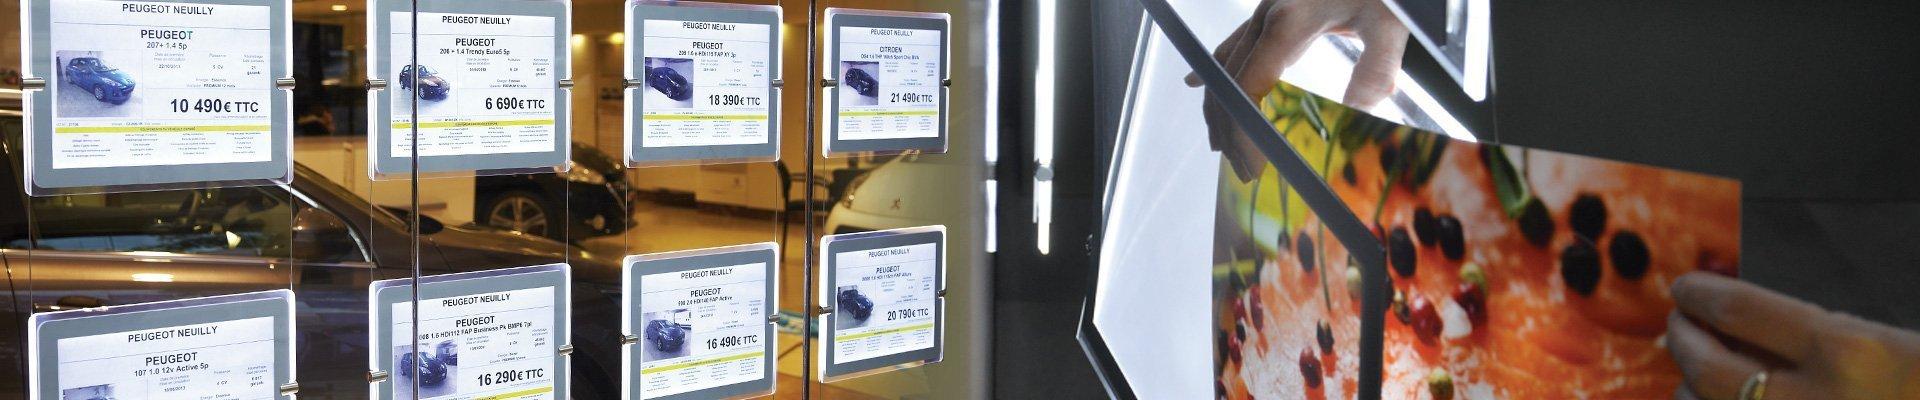 Espositori luminosi LED per vetrine - Luminor Insegne LED Roma